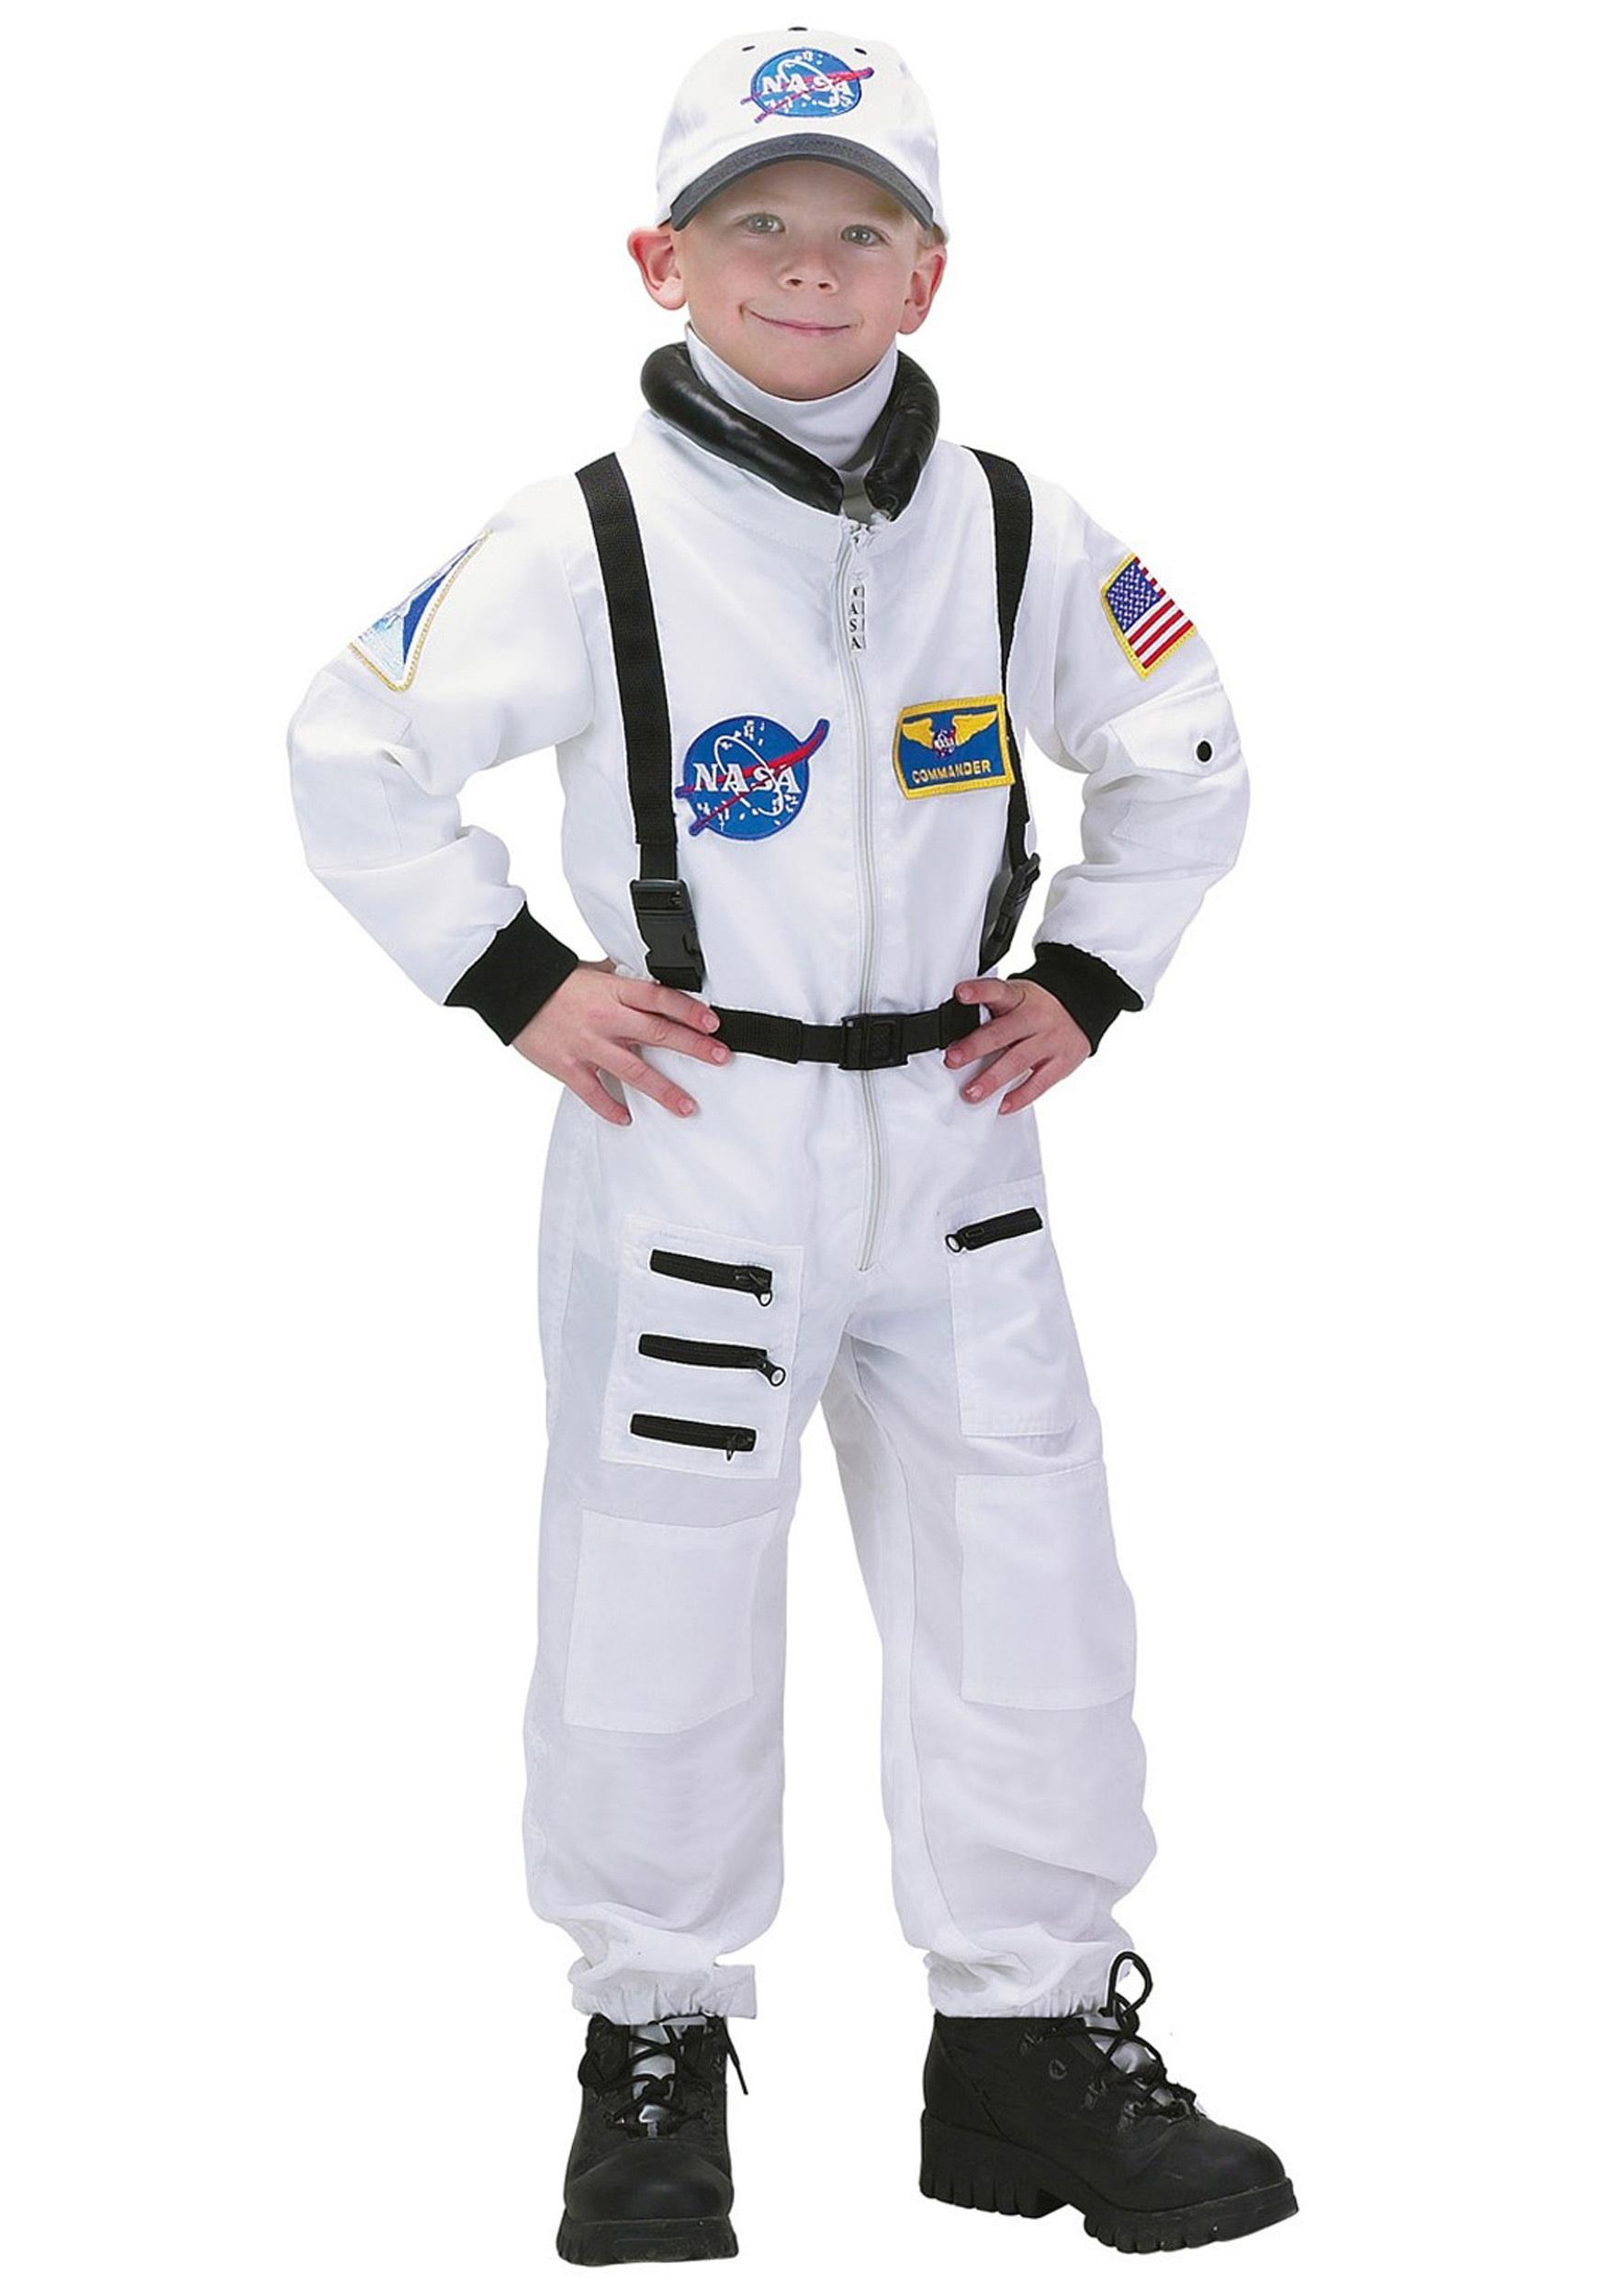 Para De Para Disfraz Astronauta De Niños Niños Astronauta Disfraz dBWrxoeQC